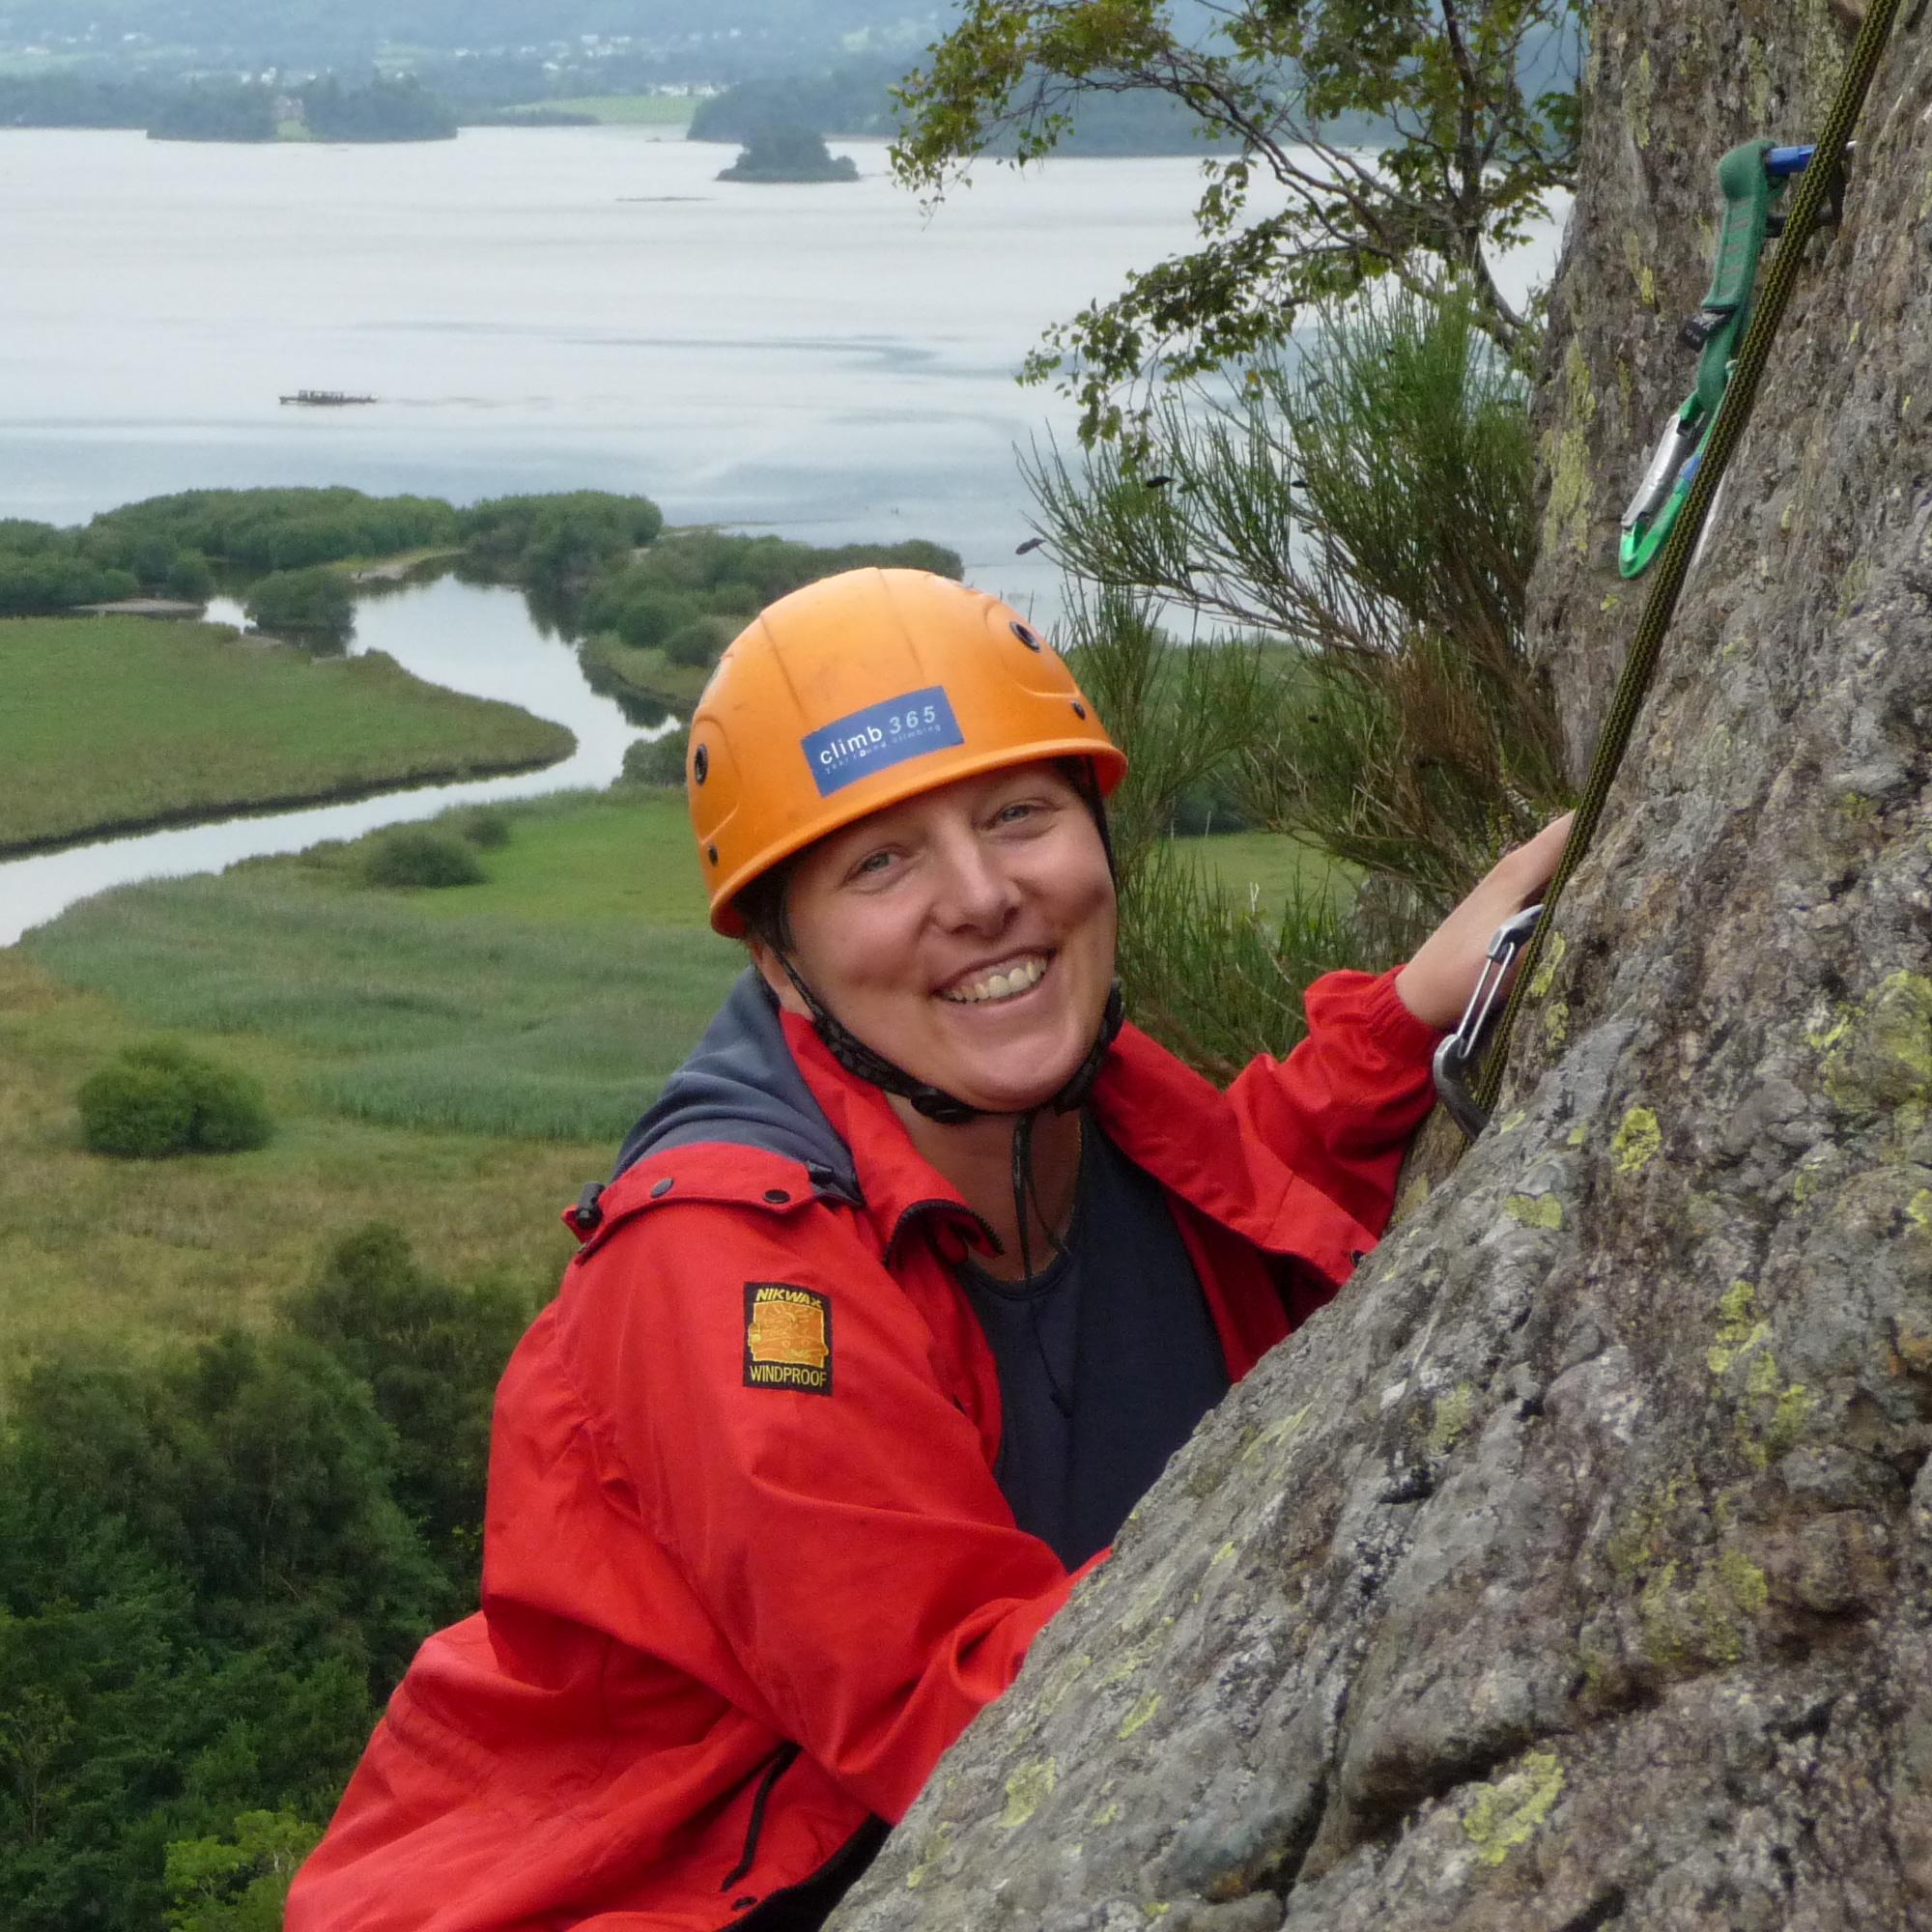 Beginners rock climbing course